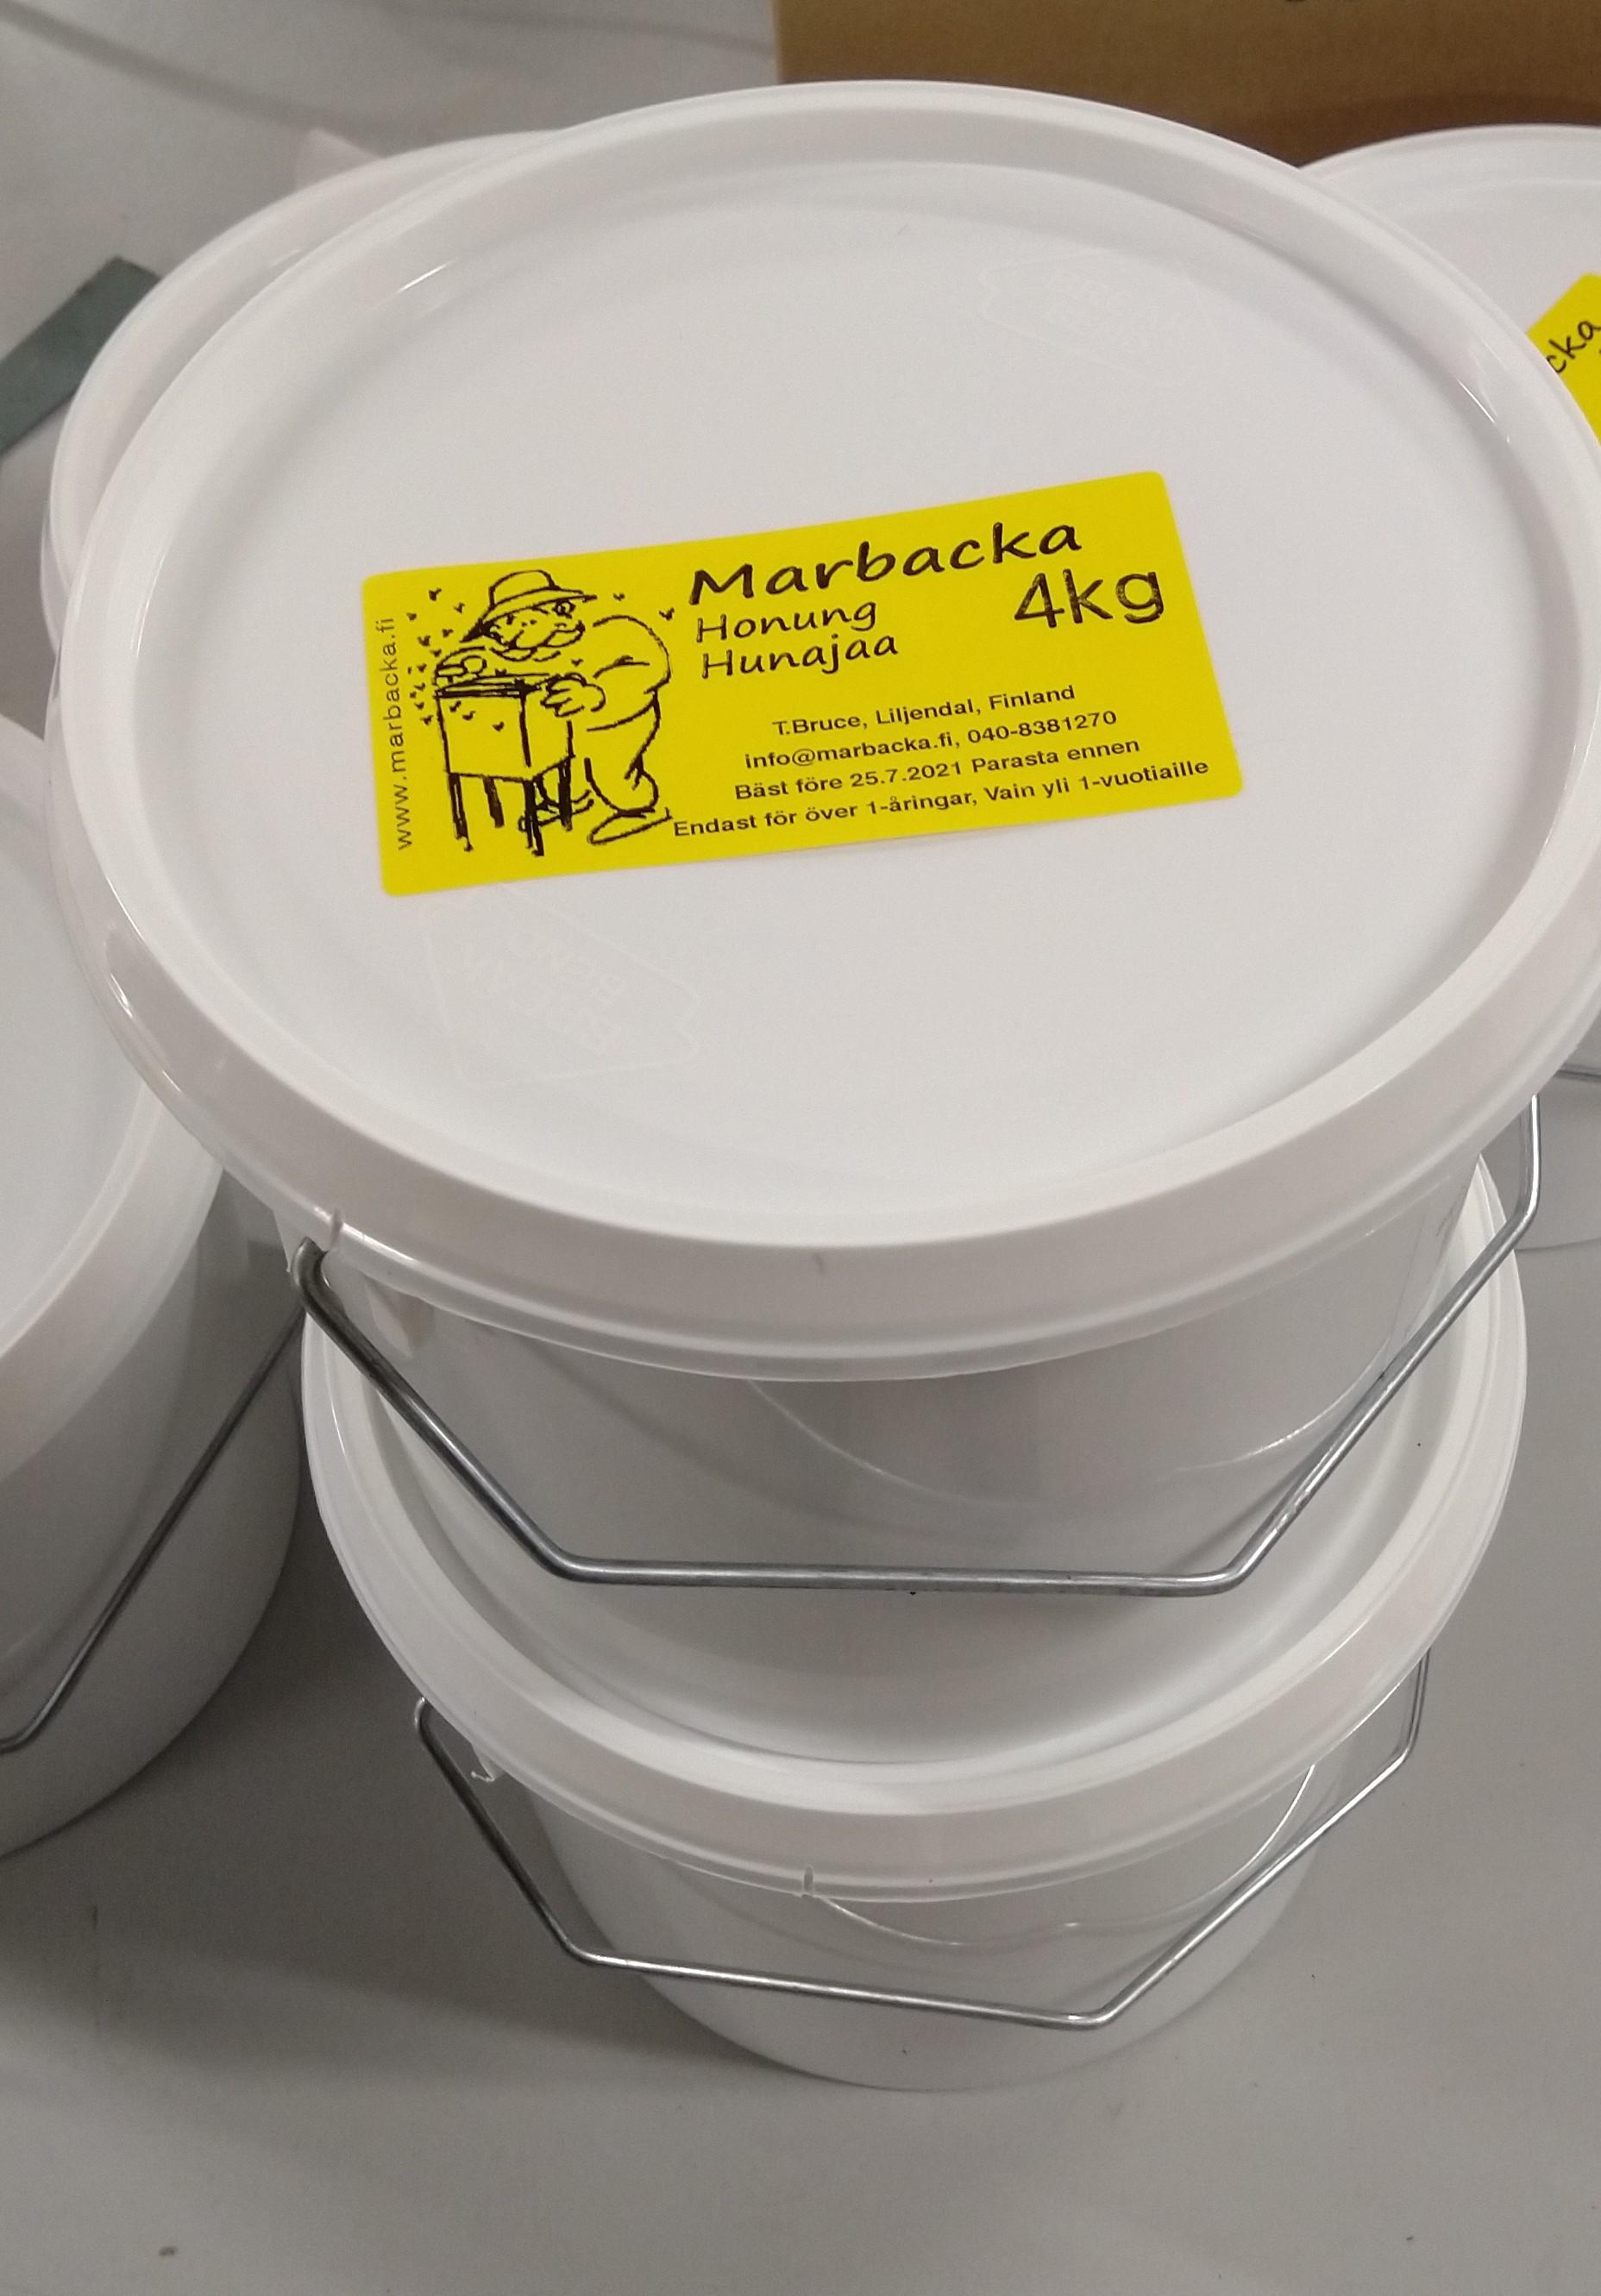 Marbackan hunaja 4 kg, muovipurkki